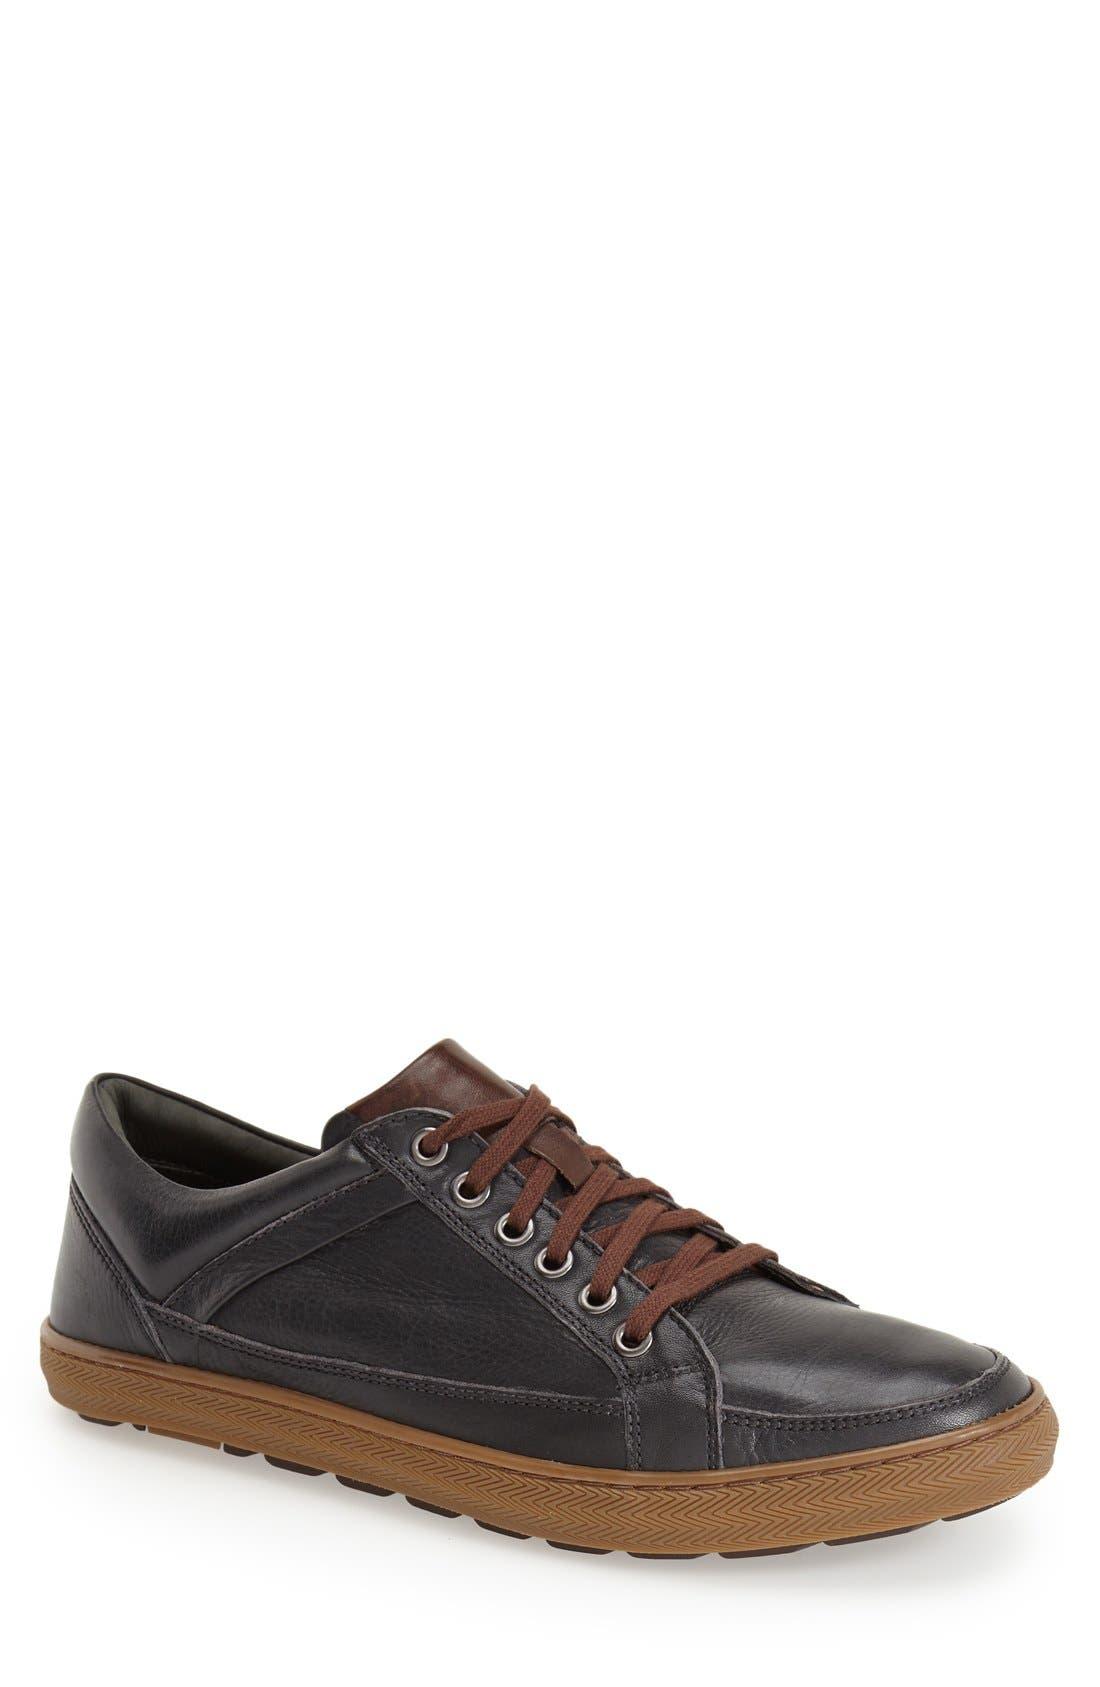 Anatomic & Co Serra Sneaker (Men)